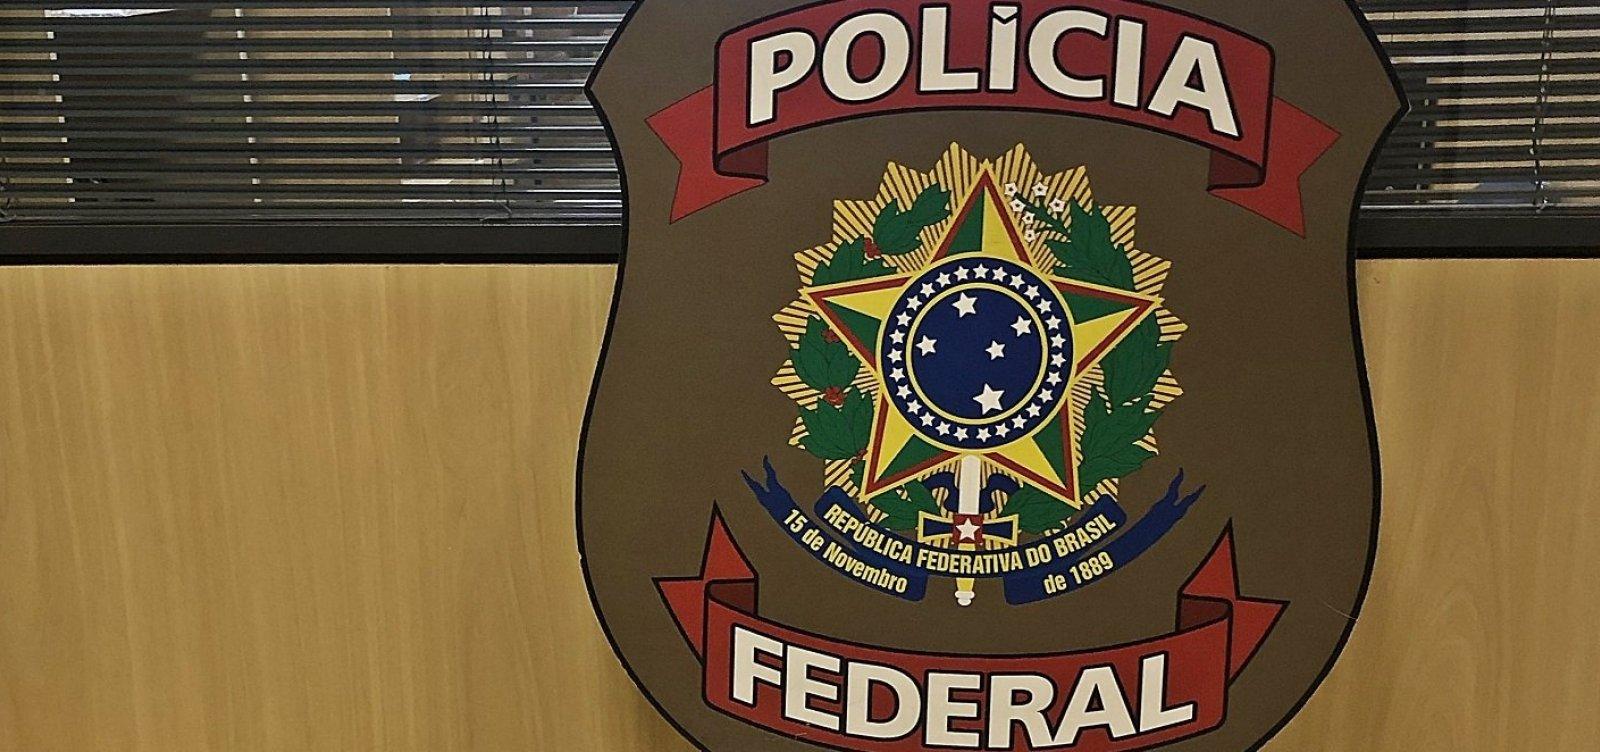 Polícia Federal faz operação contra tráfico internacional de drogas em aeroporto de São Paulo